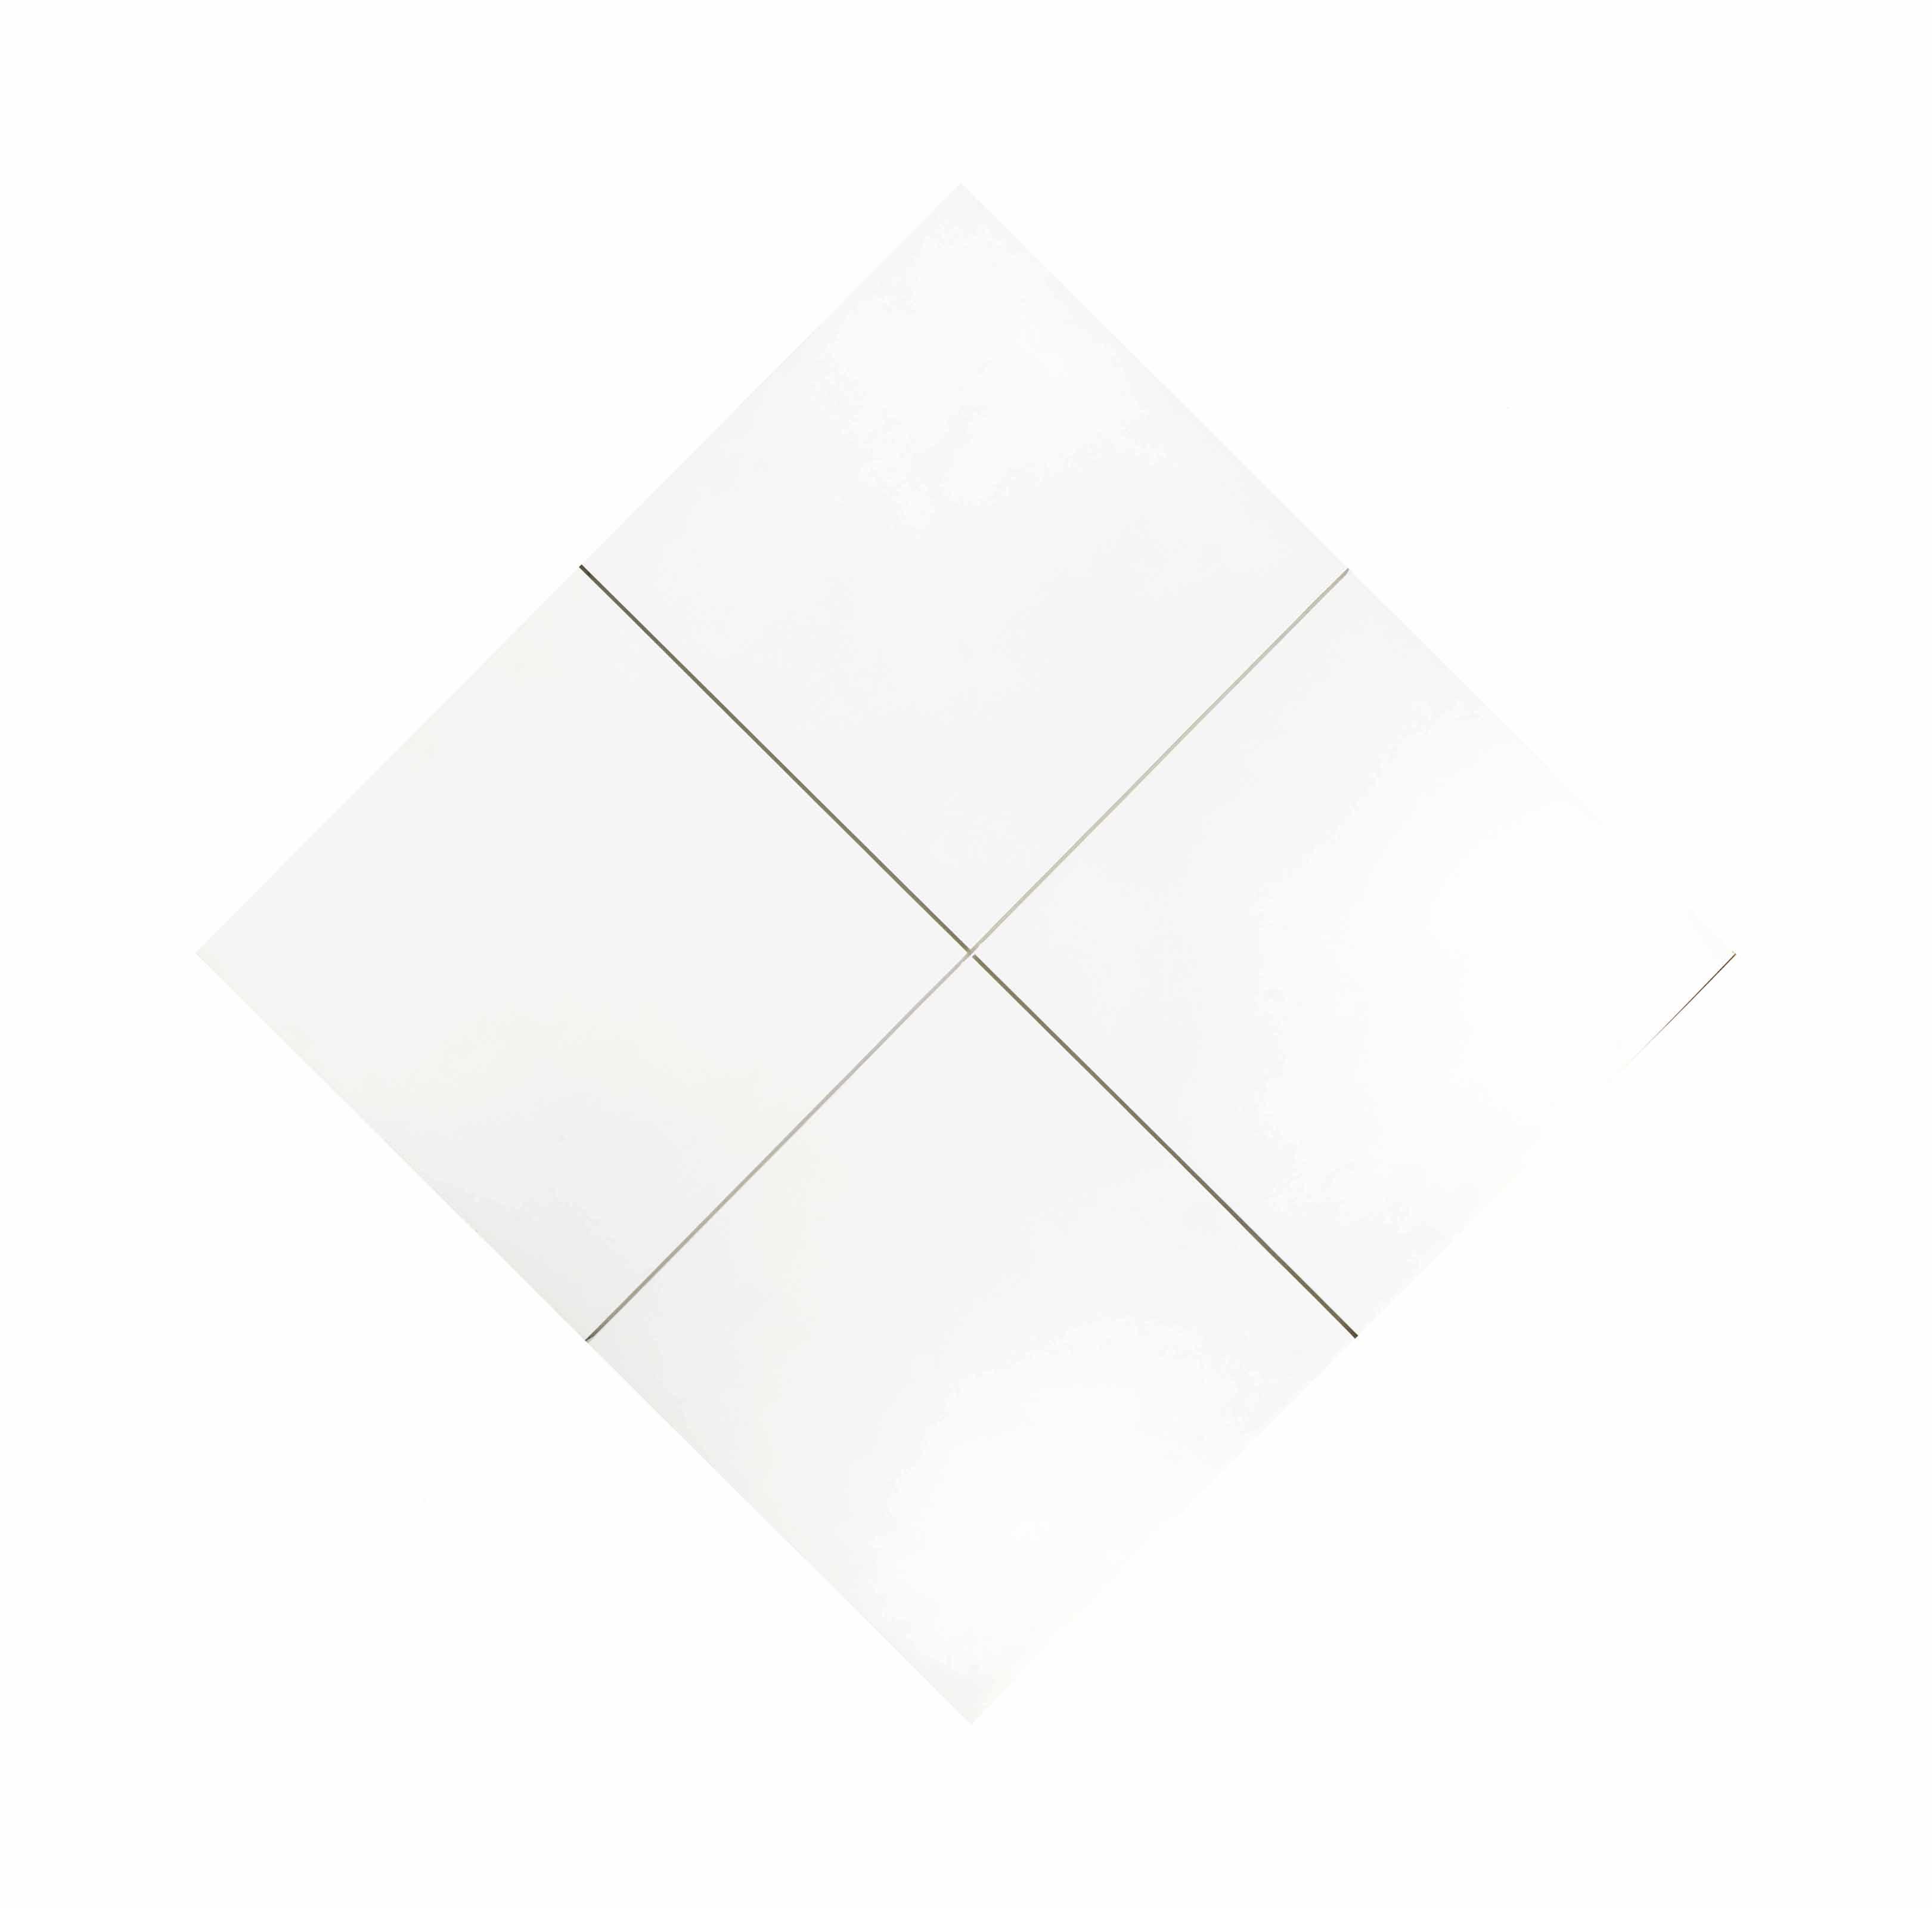 Reliëf met middellijnen (vierkant met zaagsneden middellijnen)